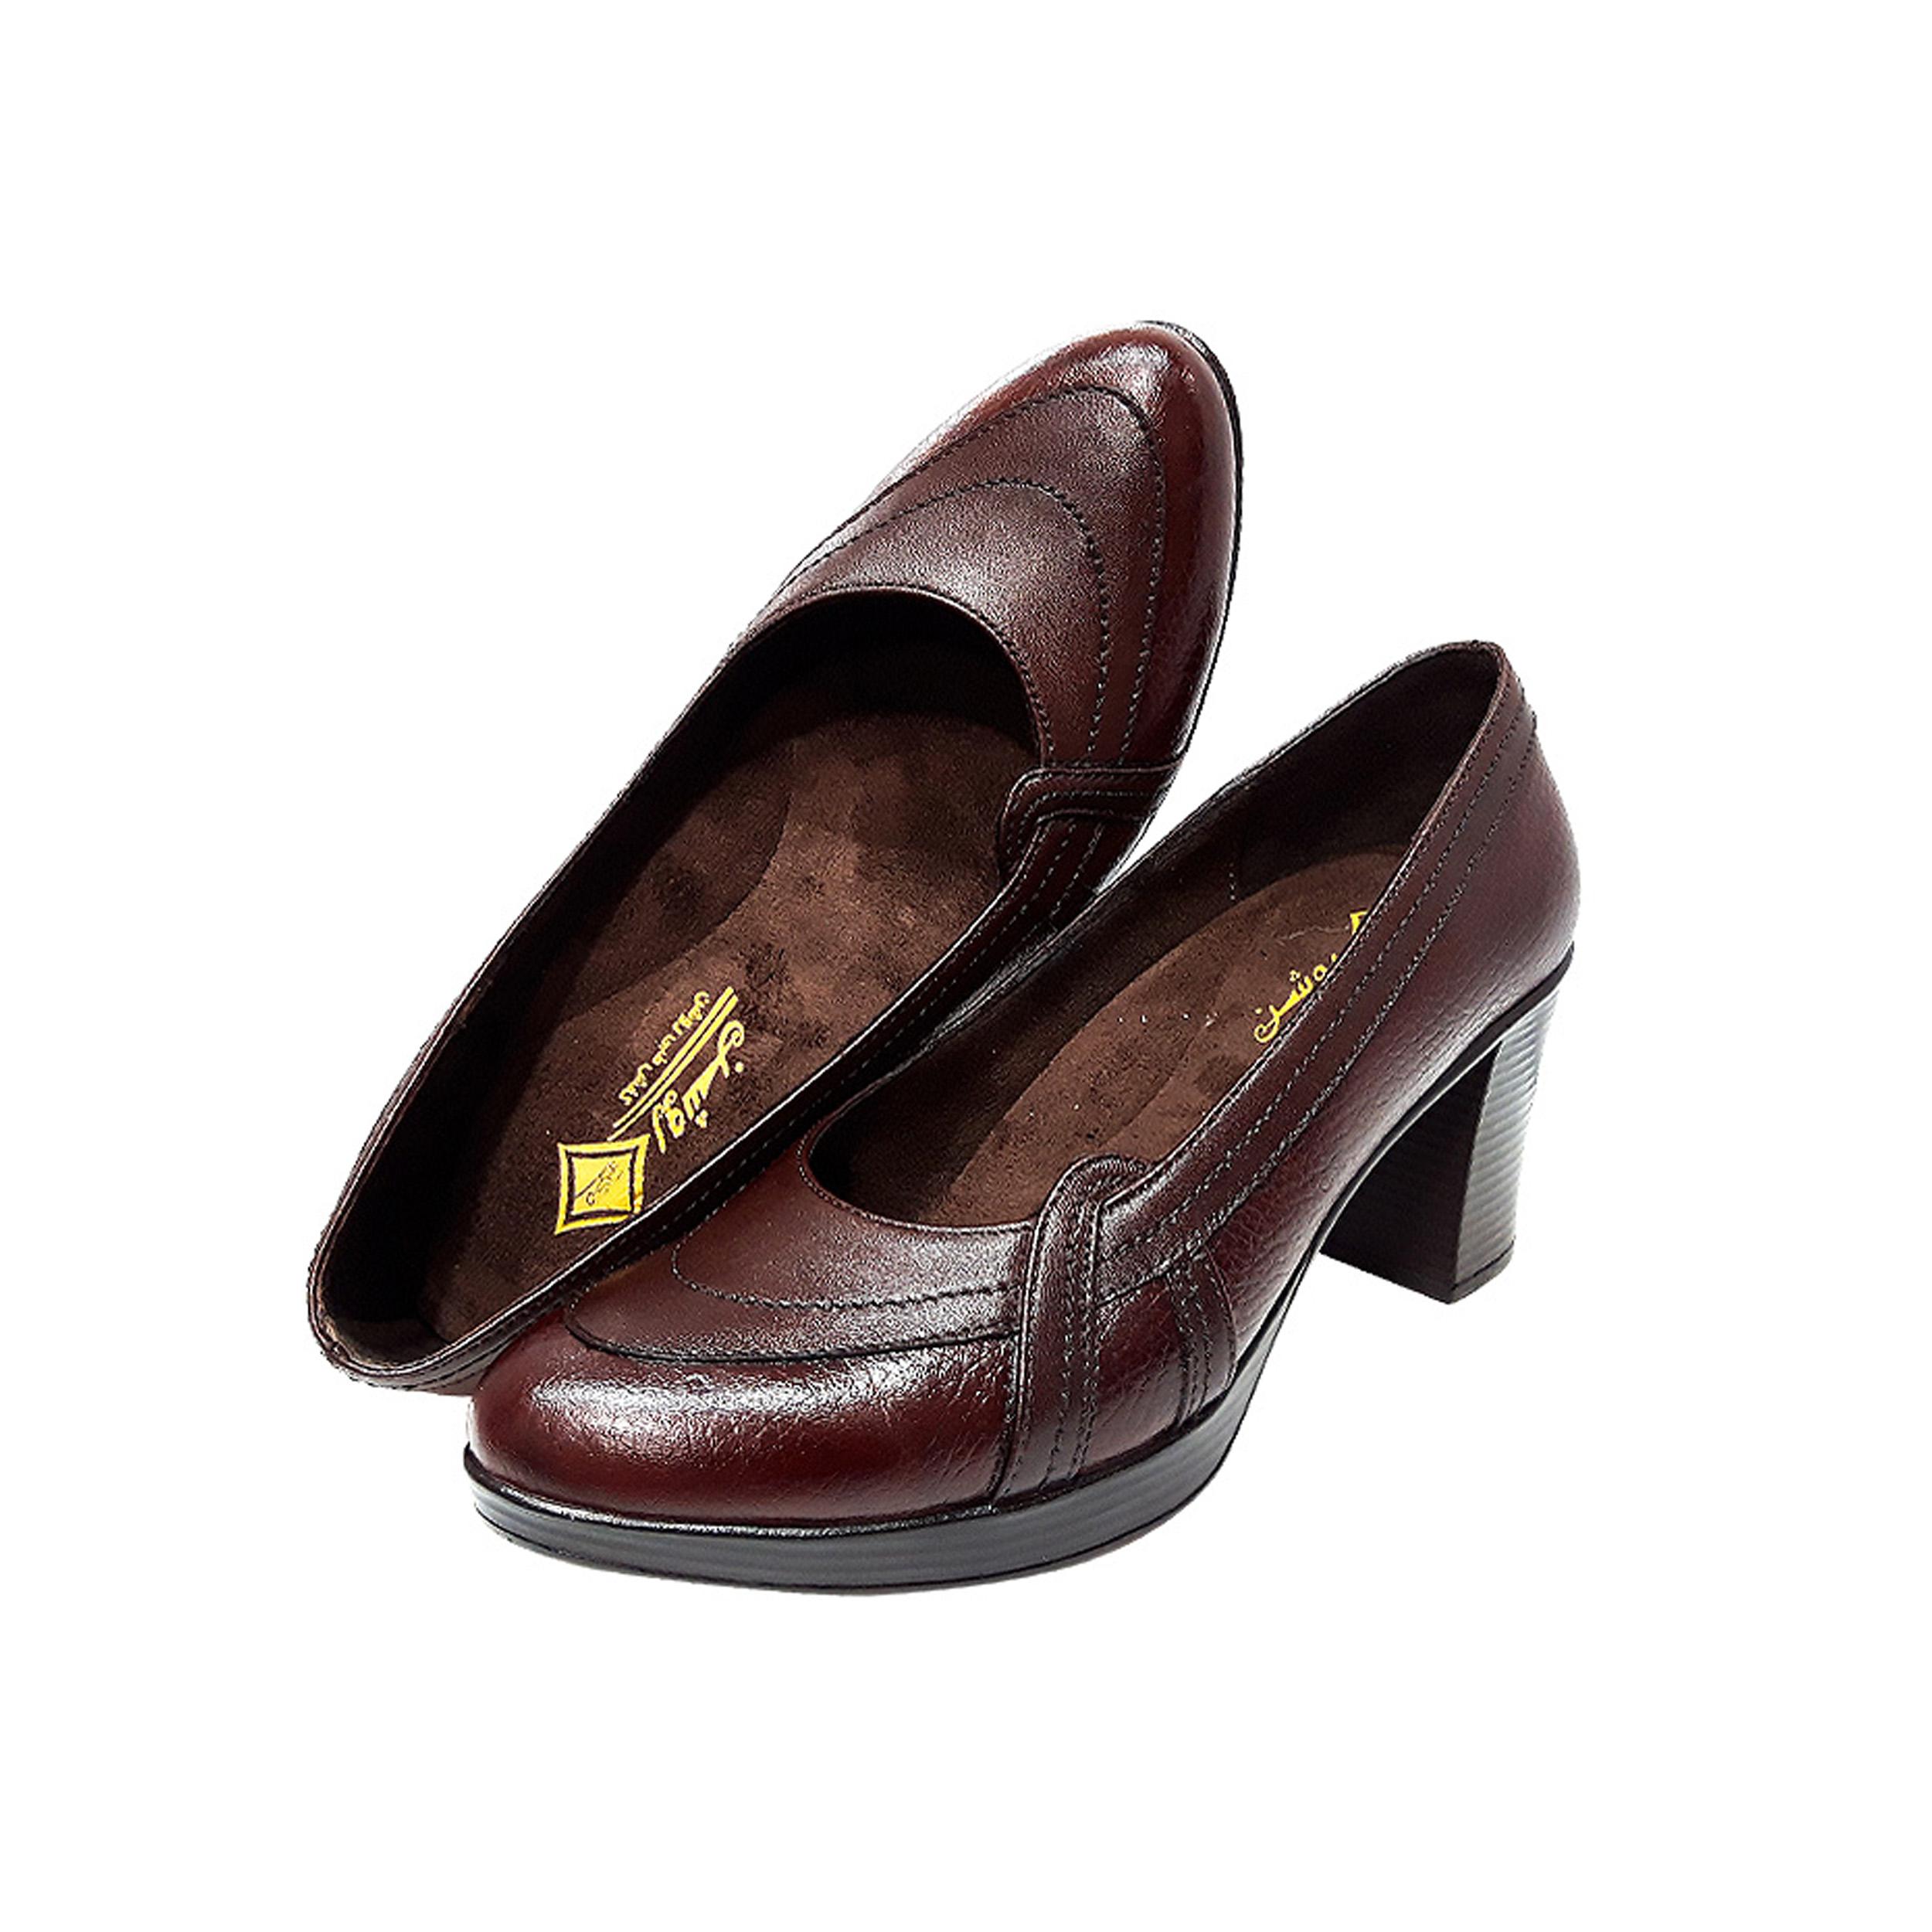 خرید                      کفش زنانه روشن کد 22-7060